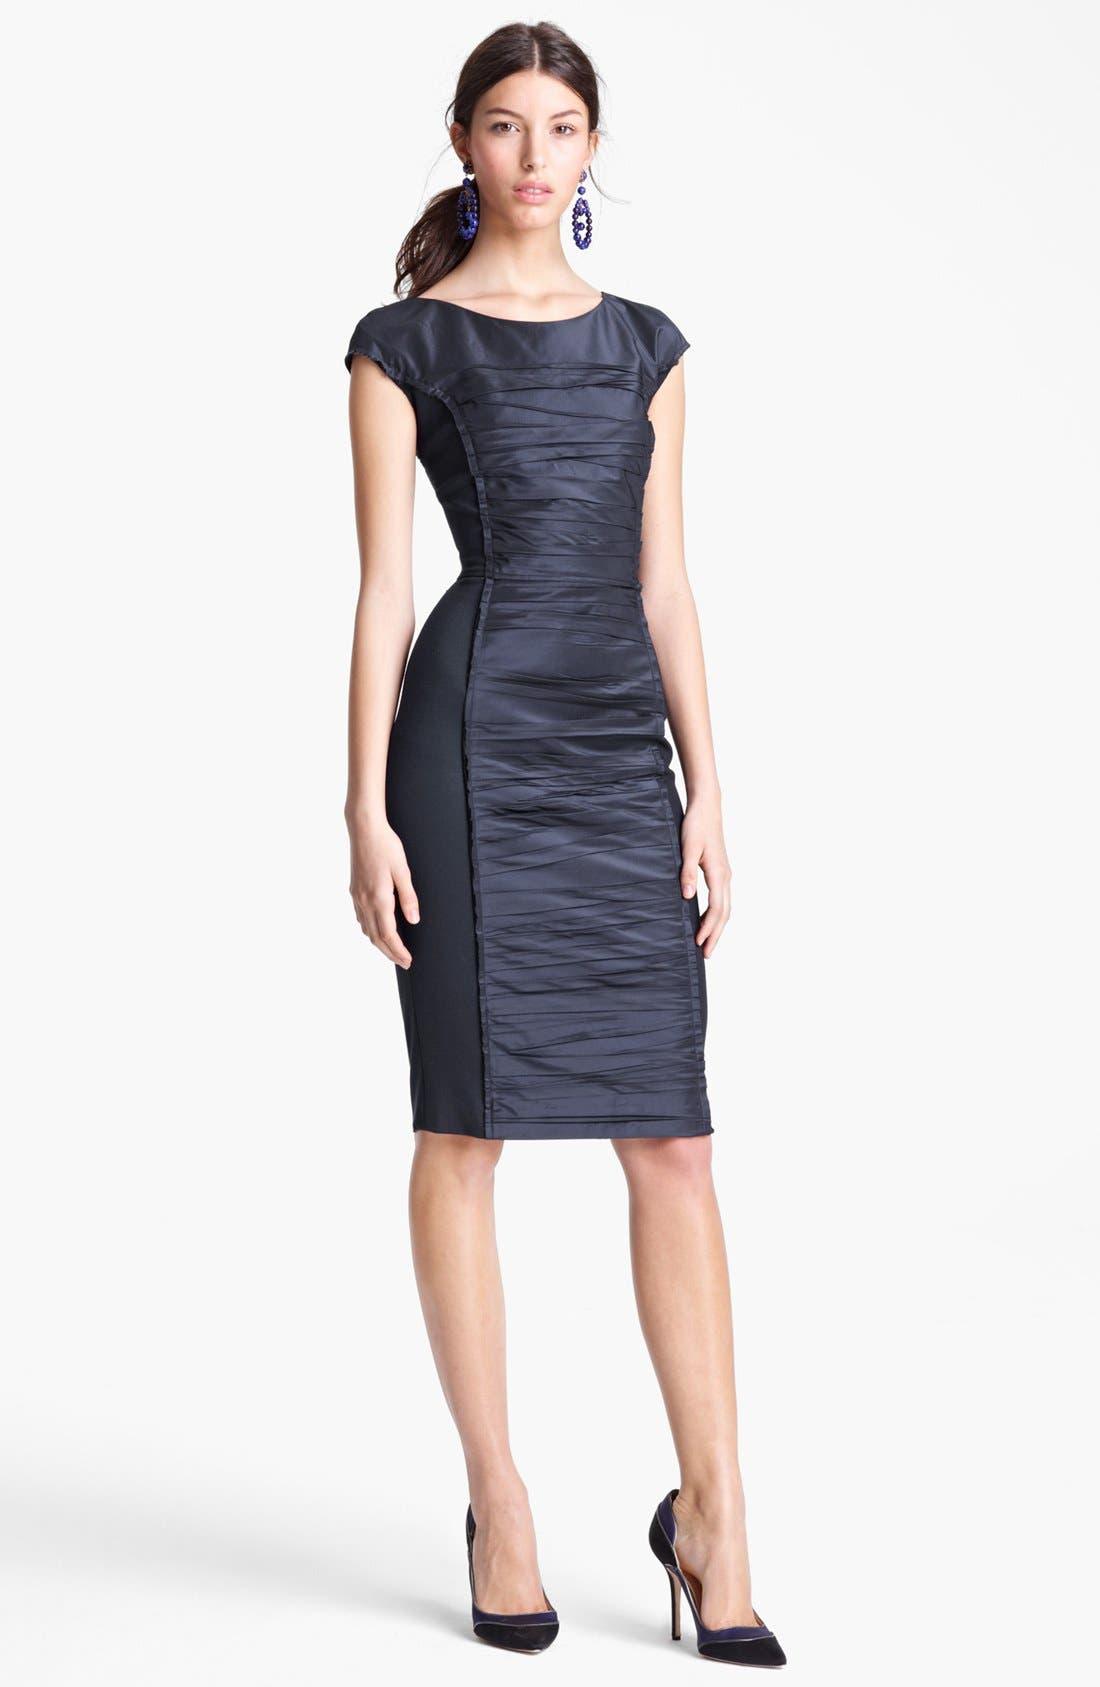 Alternate Image 1 Selected - Oscar de la Renta Ruched Front Jersey Dress